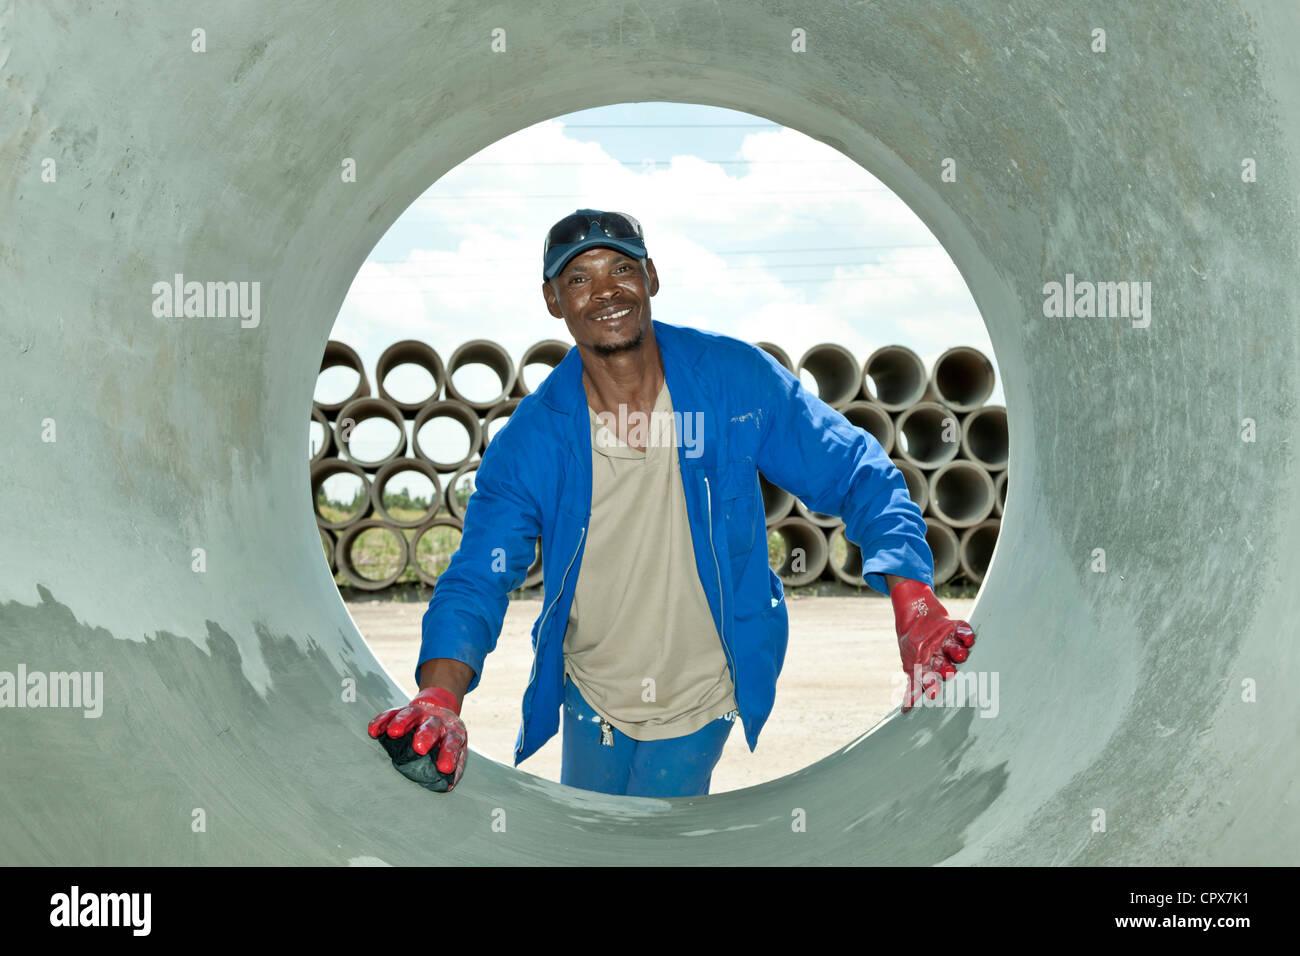 Nero operaio edile pulisce la parte interna di un tubo di grandi dimensioni Immagini Stock